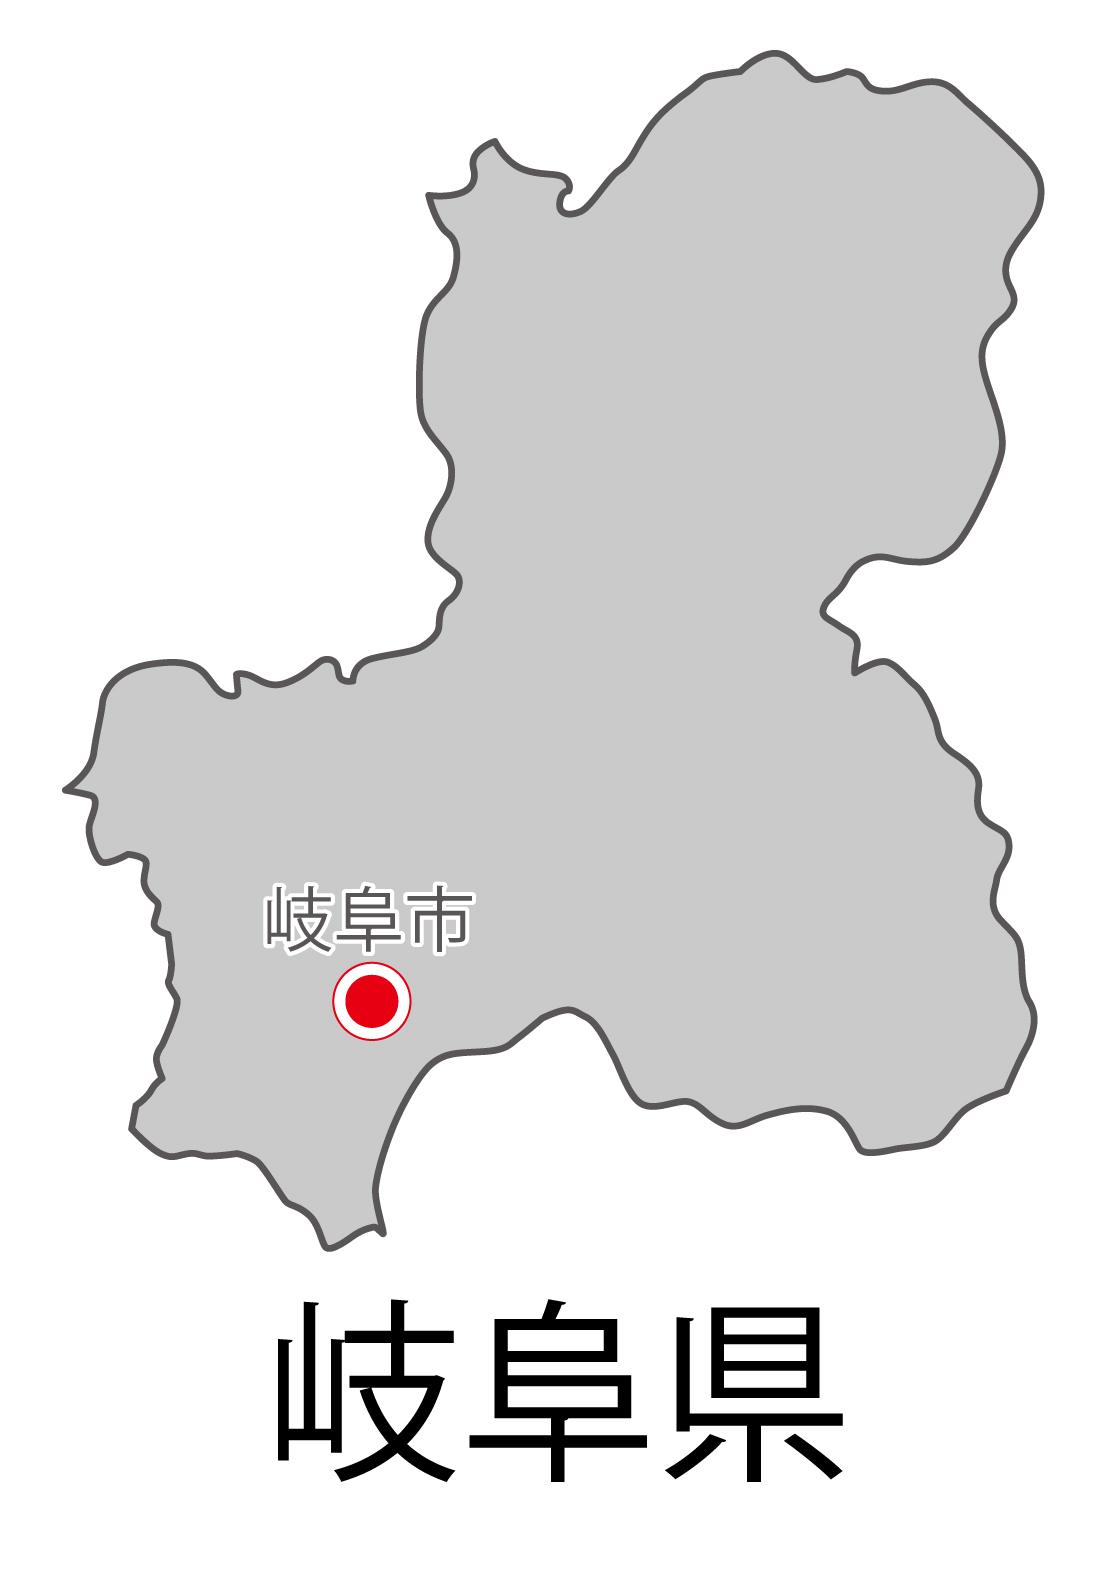 岐阜県無料フリーイラスト|日本語・都道府県名あり・県庁所在地あり(グレー)